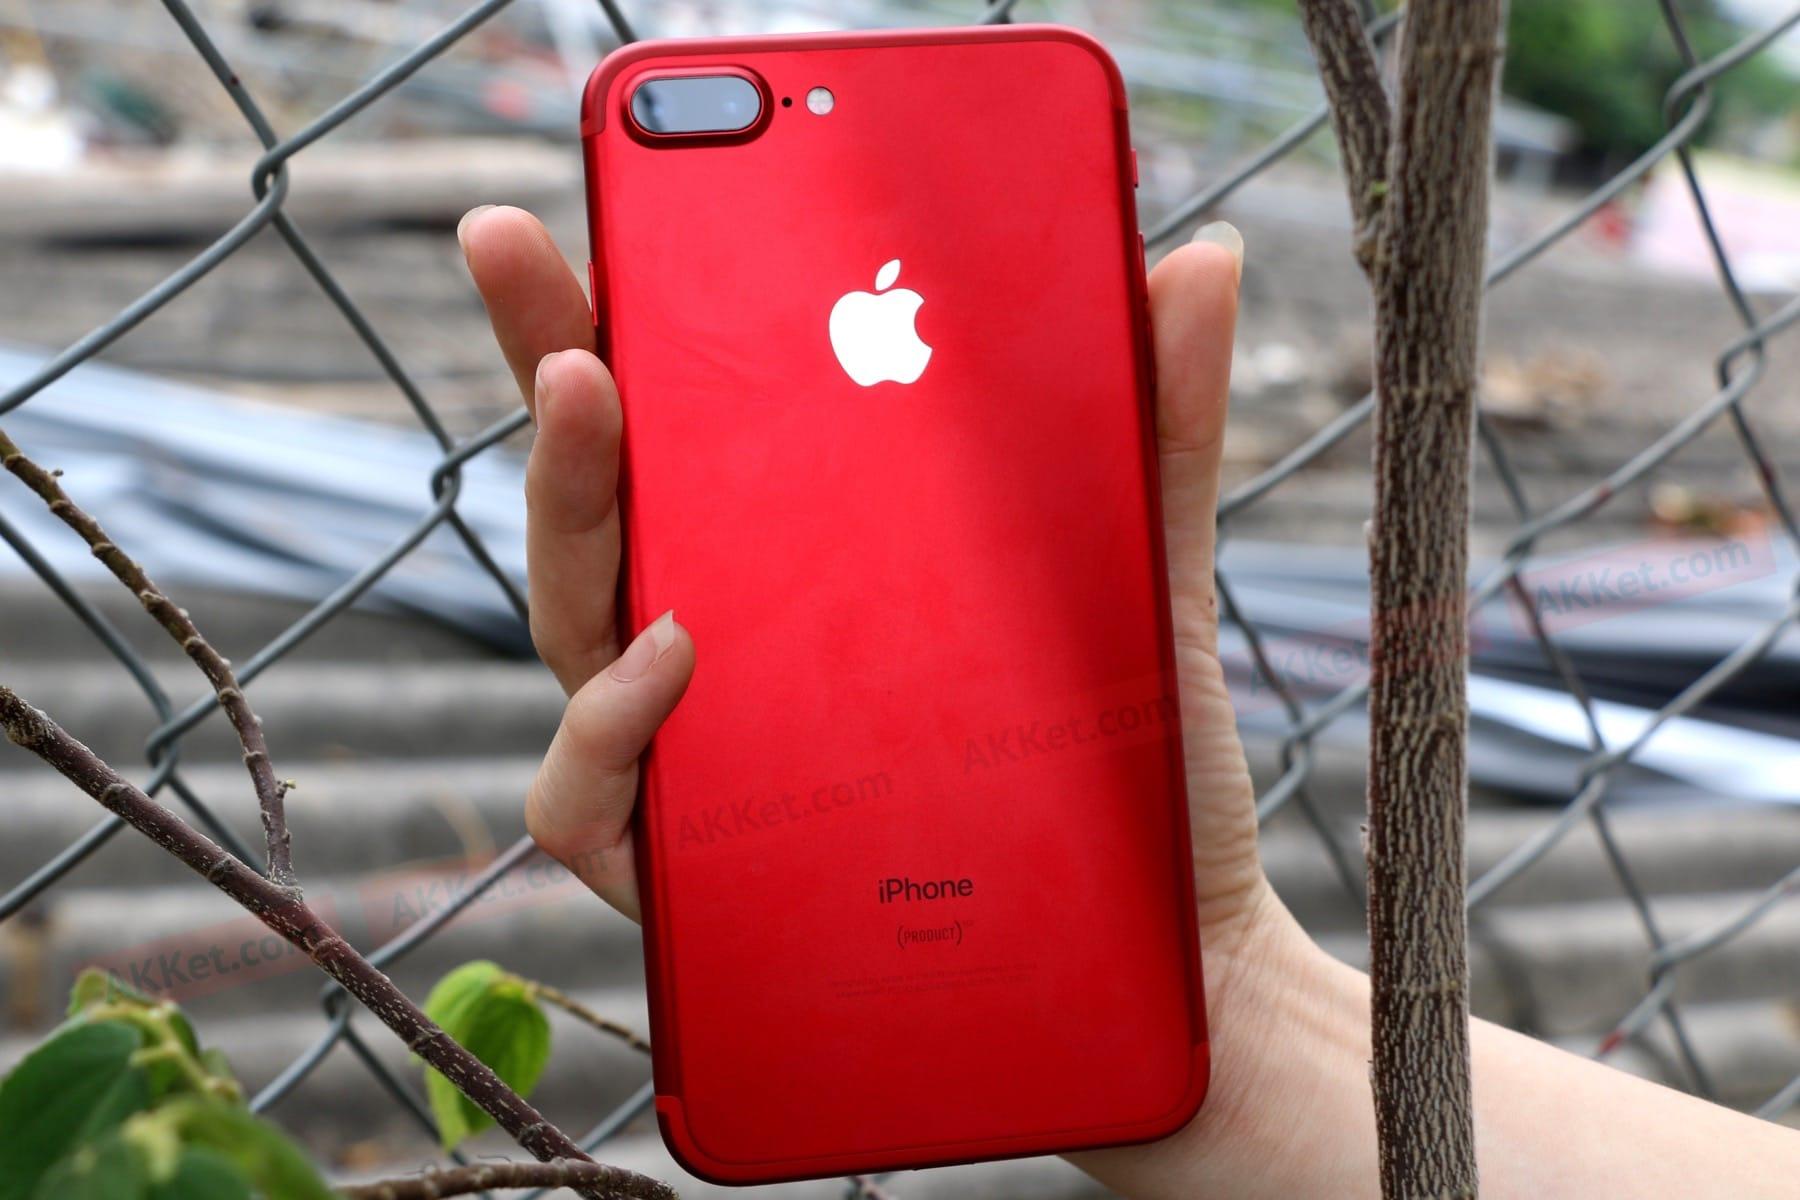 Айфон красного цвета фото невозможно